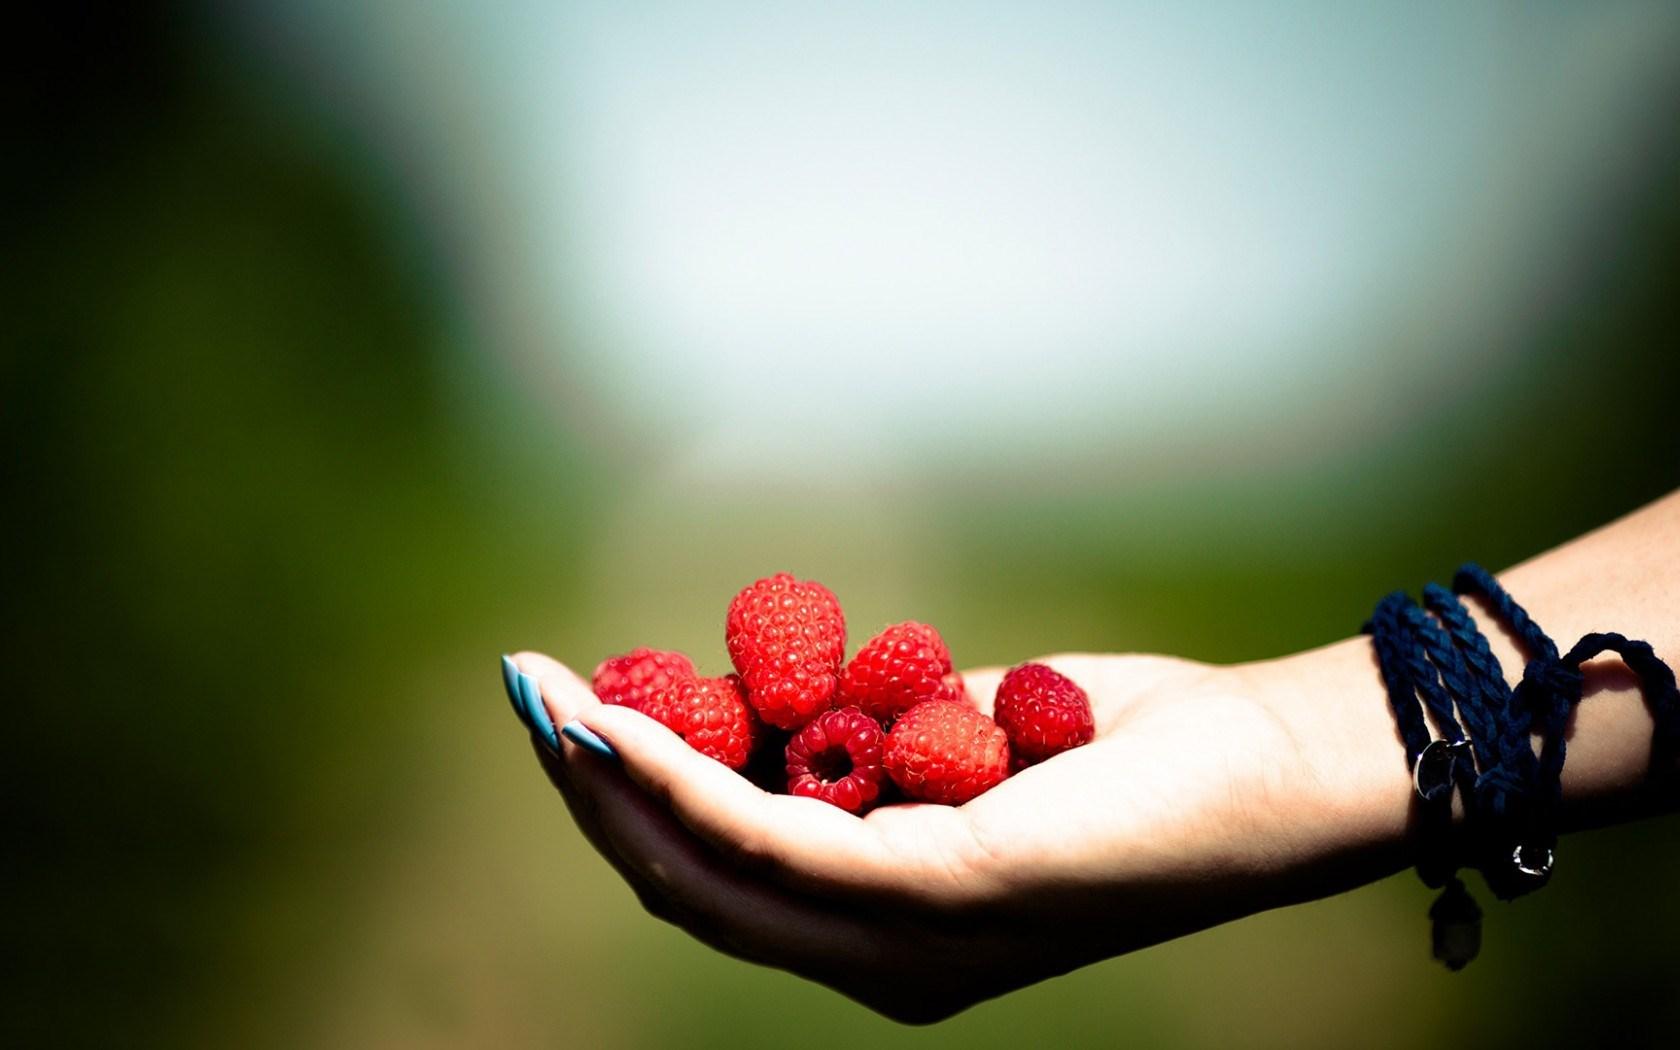 20 loại hoa quả tốt nhất cho sức khỏe (phần 1) 2